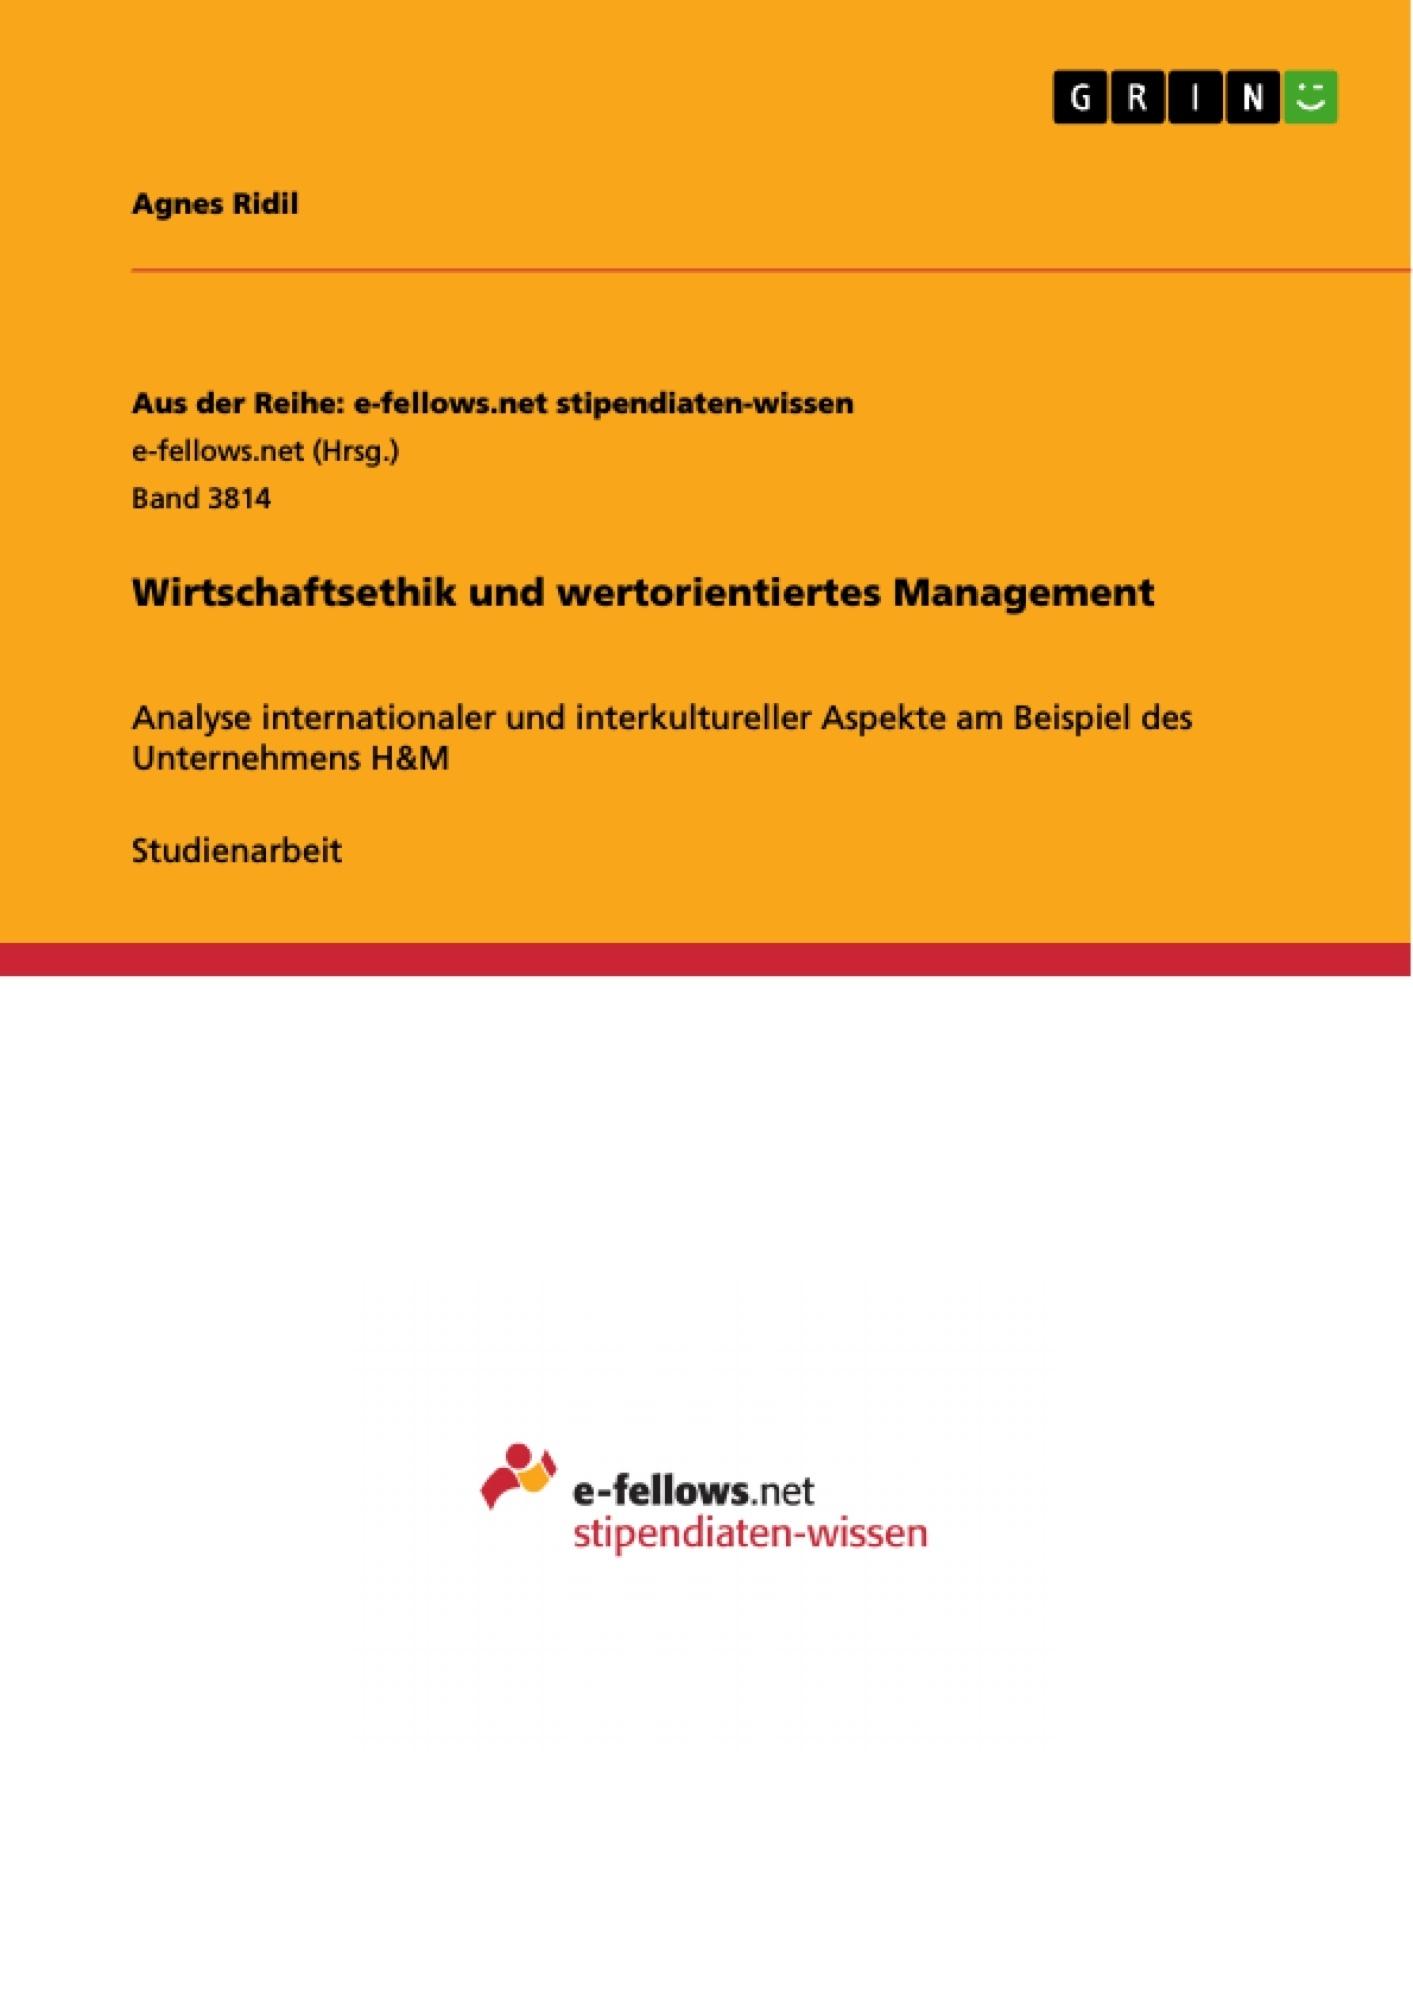 Titel: Wirtschaftsethik und wertorientiertes Management